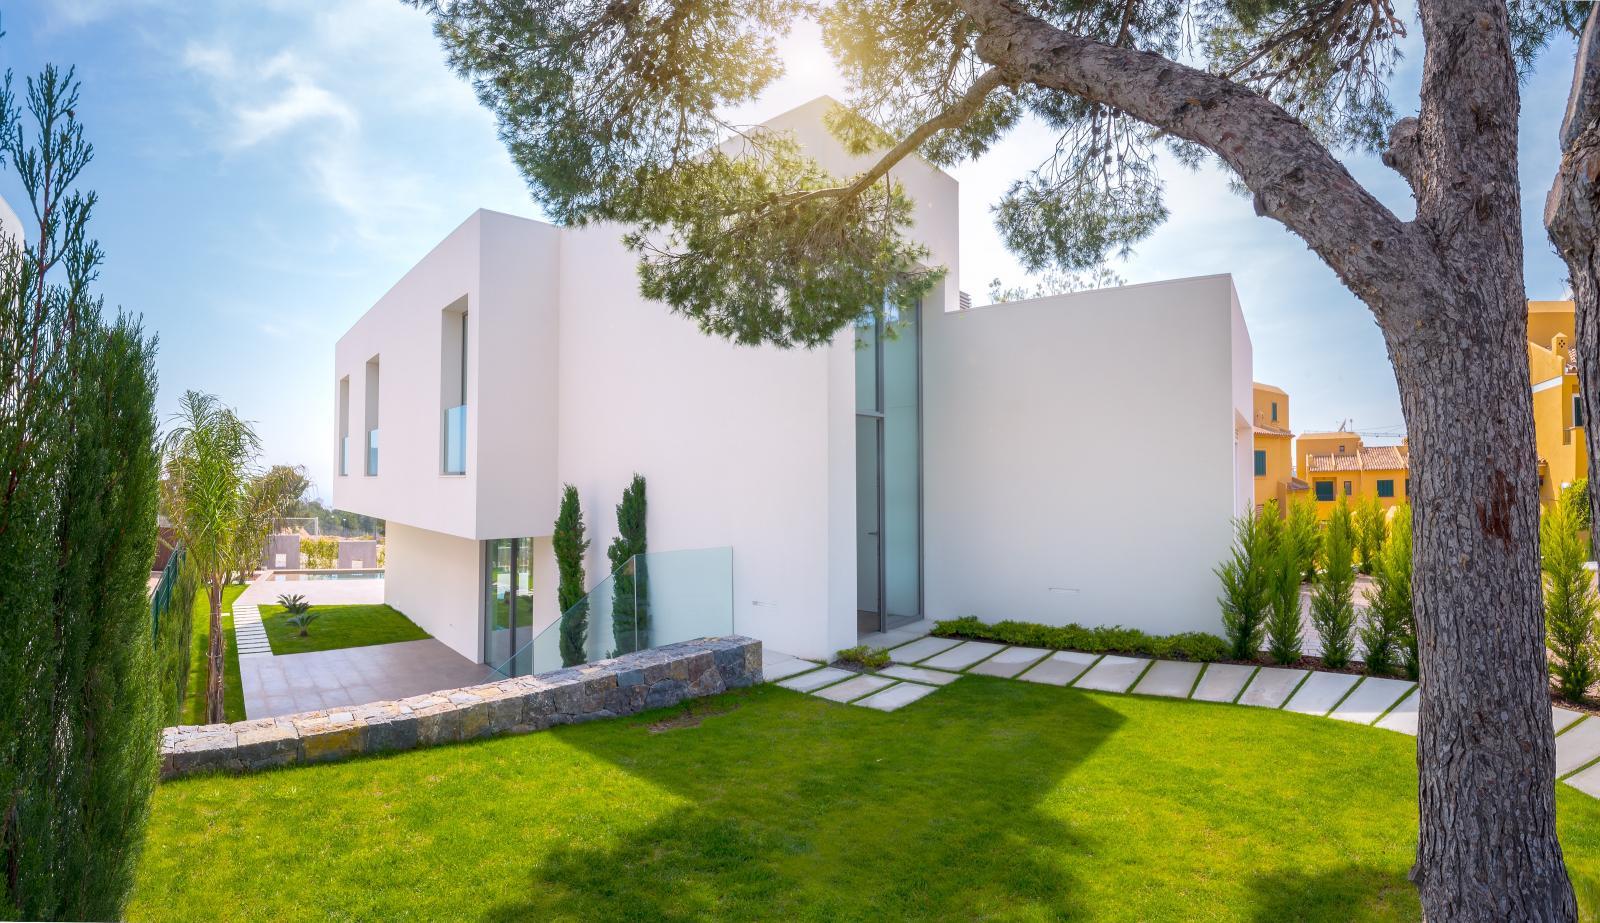 3. Brand new villa in Finestrat Alicante - Fantastic Brand New Villa in Finestrat, Alicante